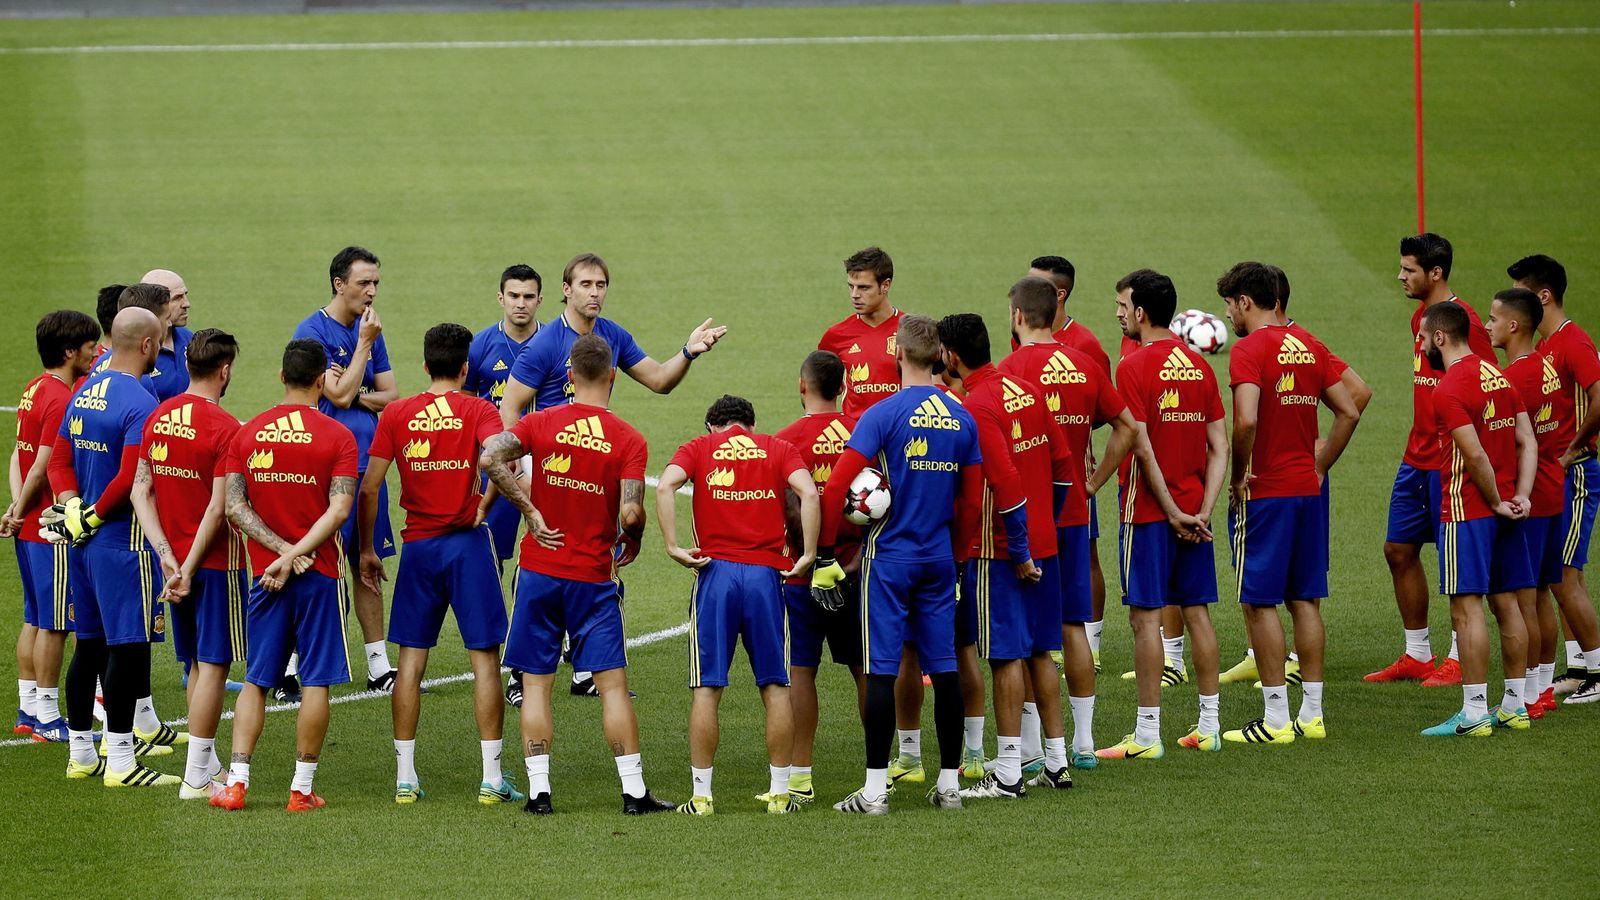 Foto: Julen Lopetegui da instrucciones durante el entrenamiento en el estadio Rey Balduino de Bruselas. (EFE)